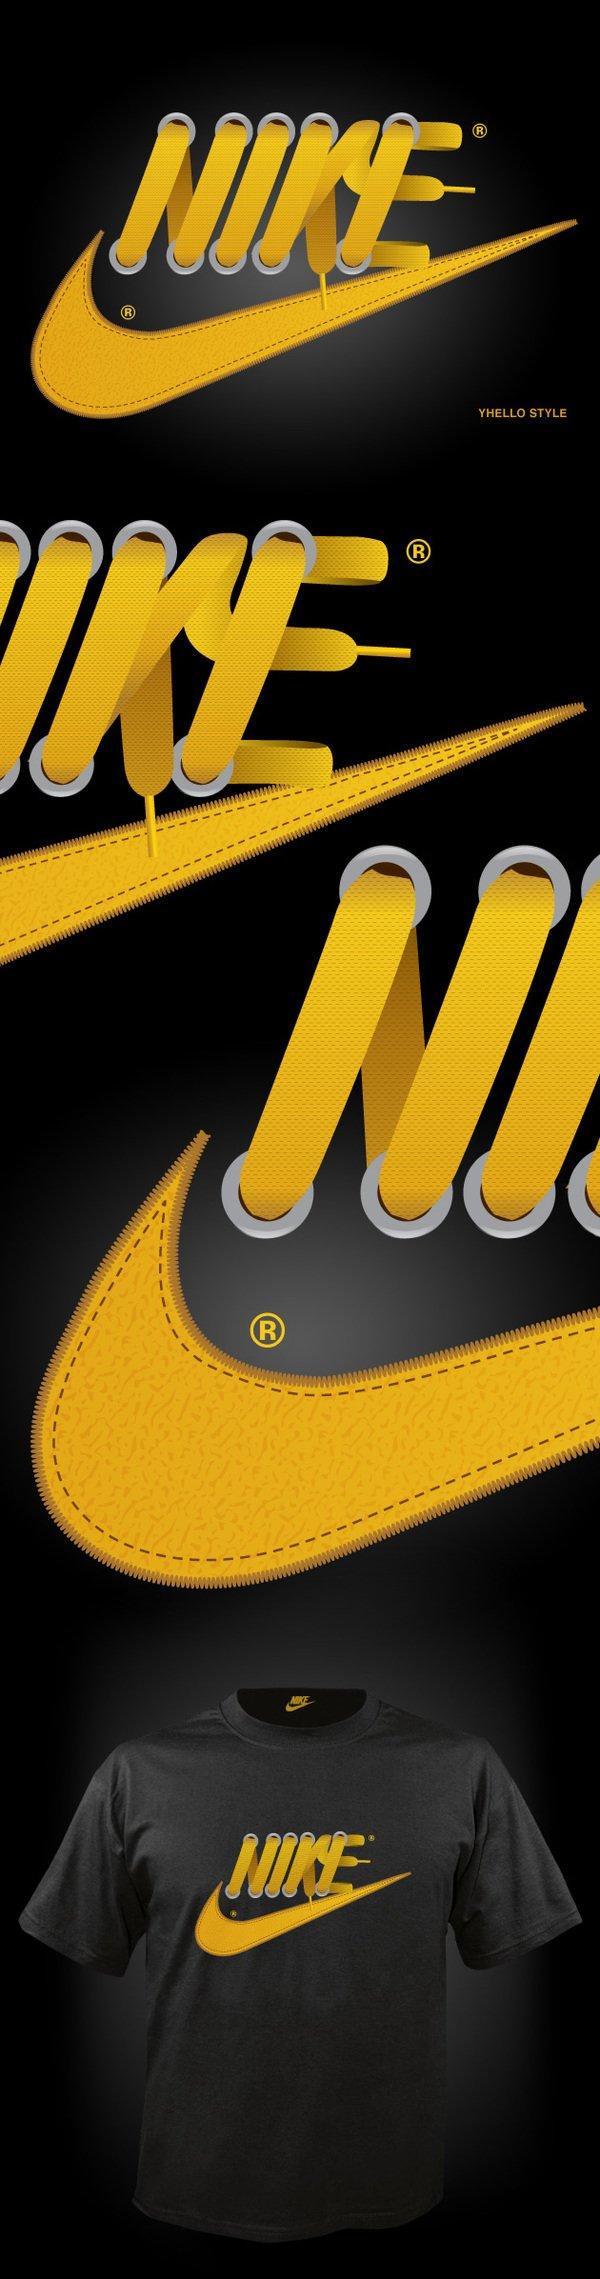 香港最新资讯_Nike鞋带创意广告设计 - 设计之家